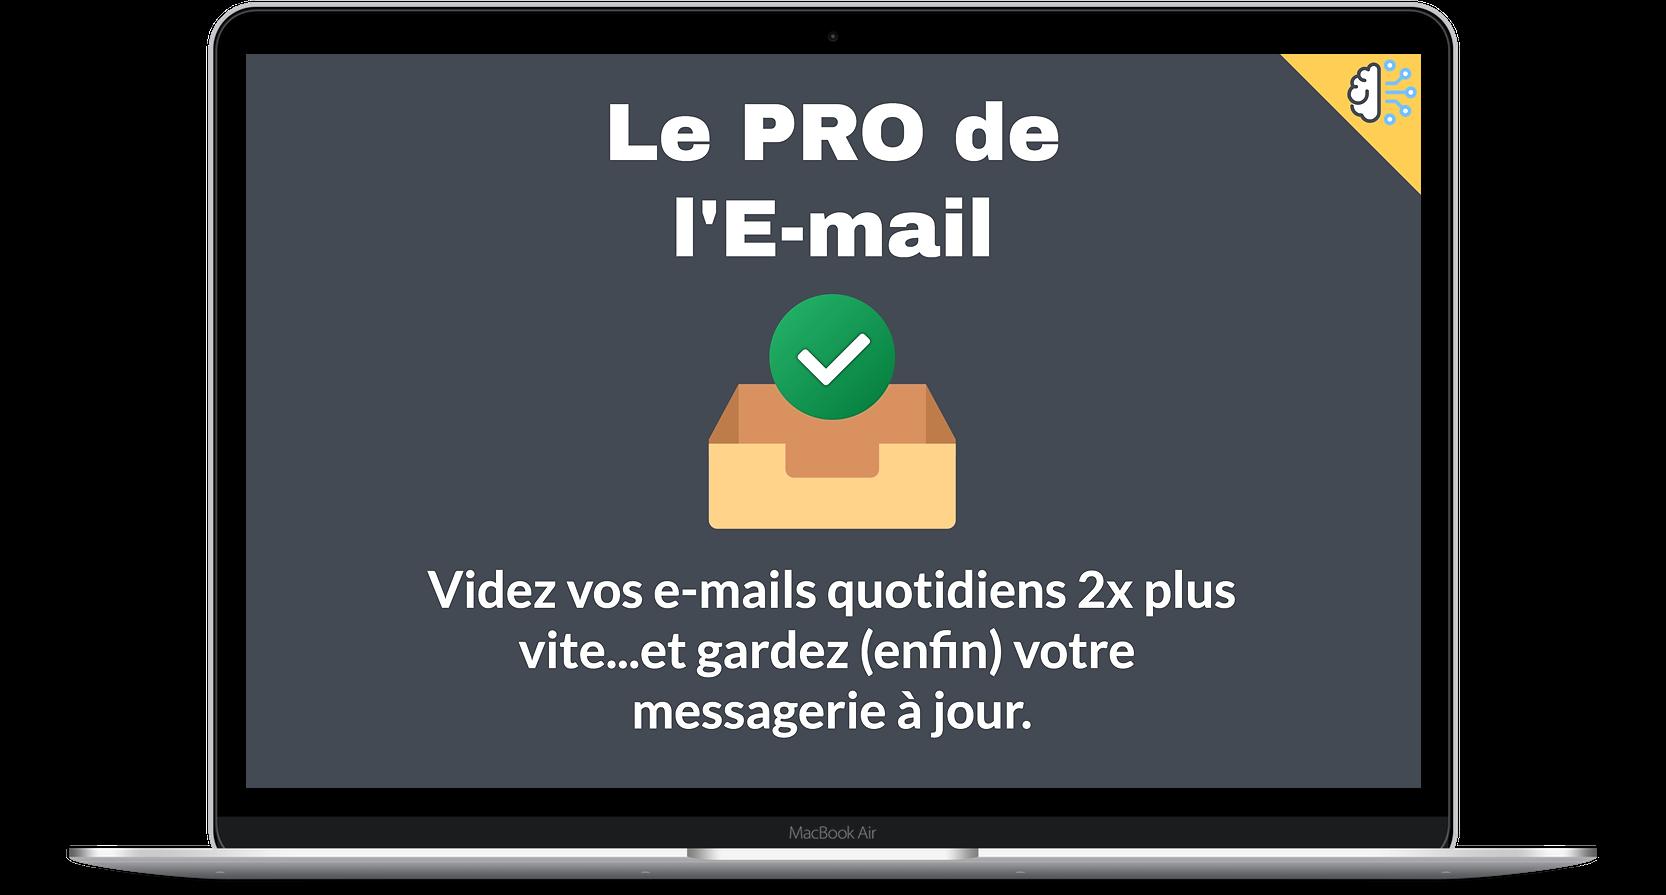 Le pro de l'e-mail